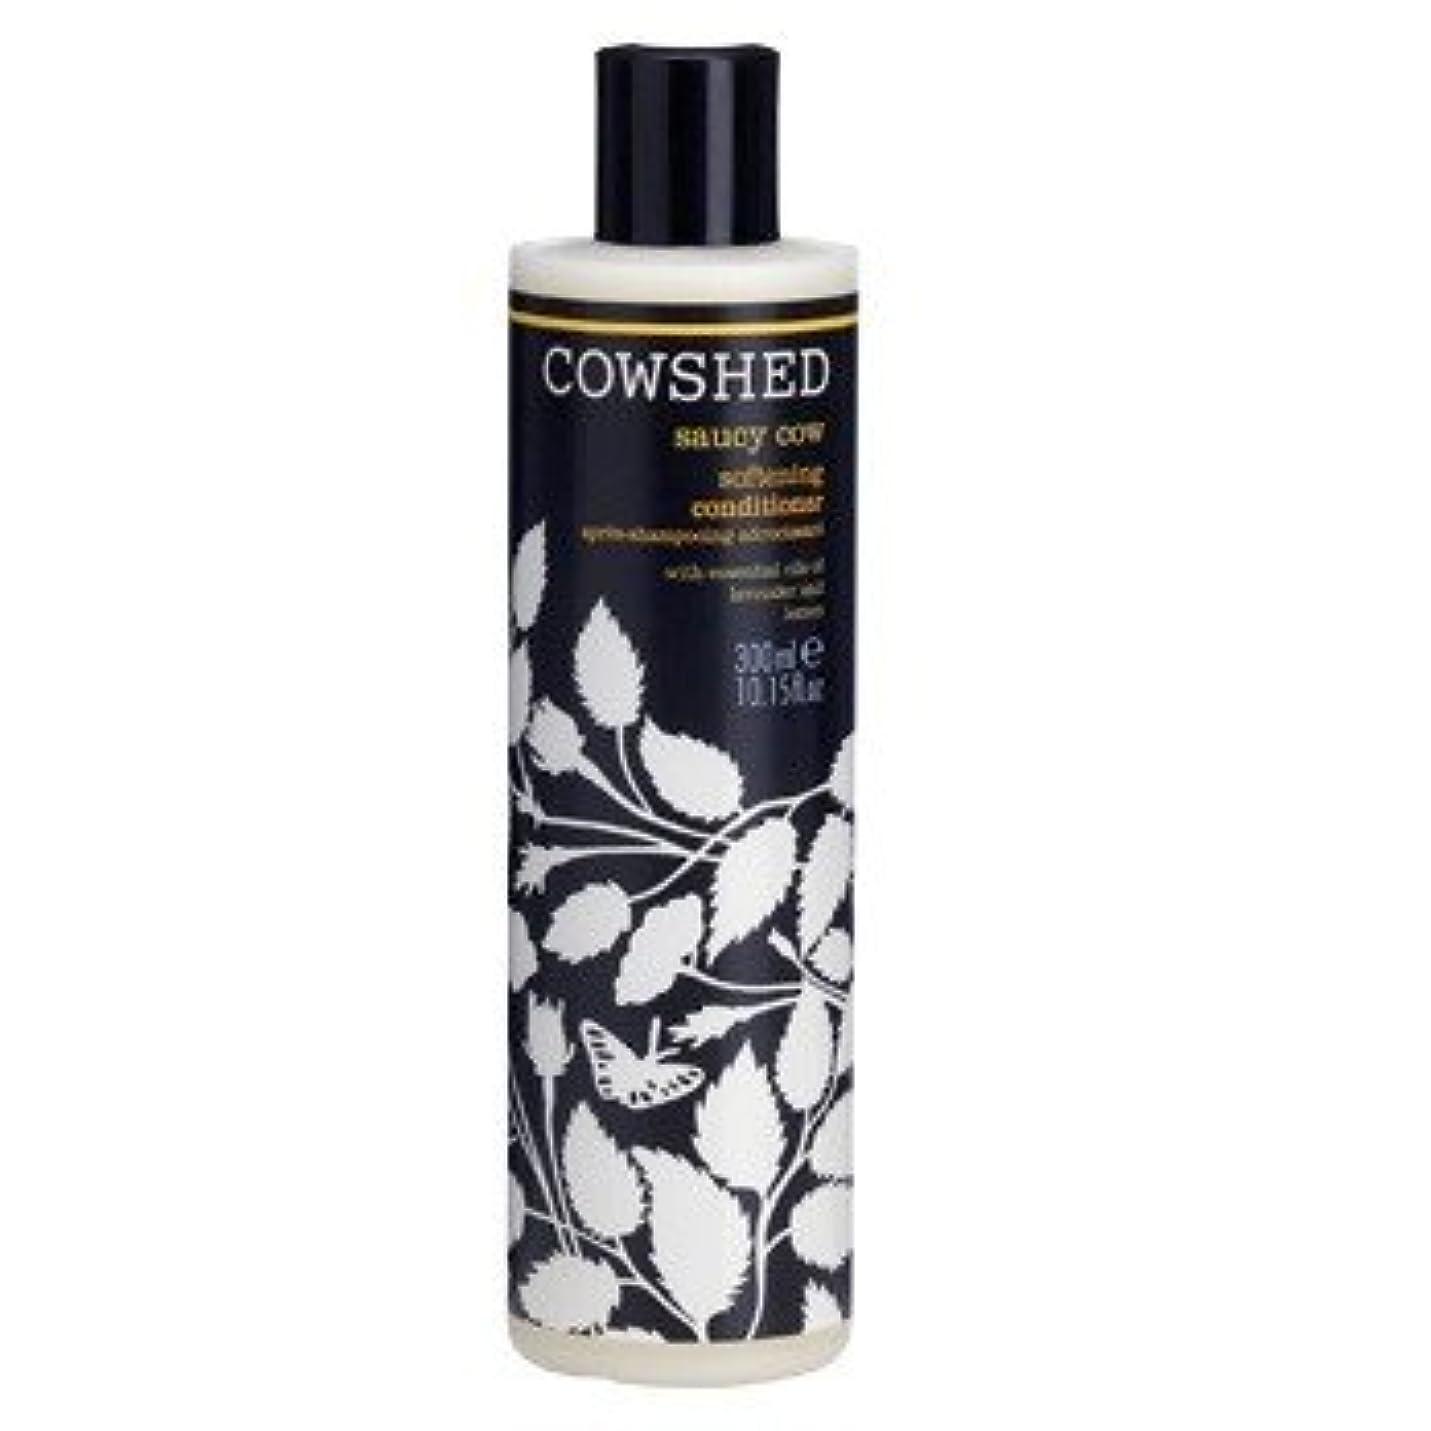 アナログ持つ祖父母を訪問牛舎生意気な牛軟化コンディショナー300ミリリットル (Cowshed) (x2) - Cowshed Saucy Cow Softening Conditioner 300ml (Pack of 2) [並行輸入品]